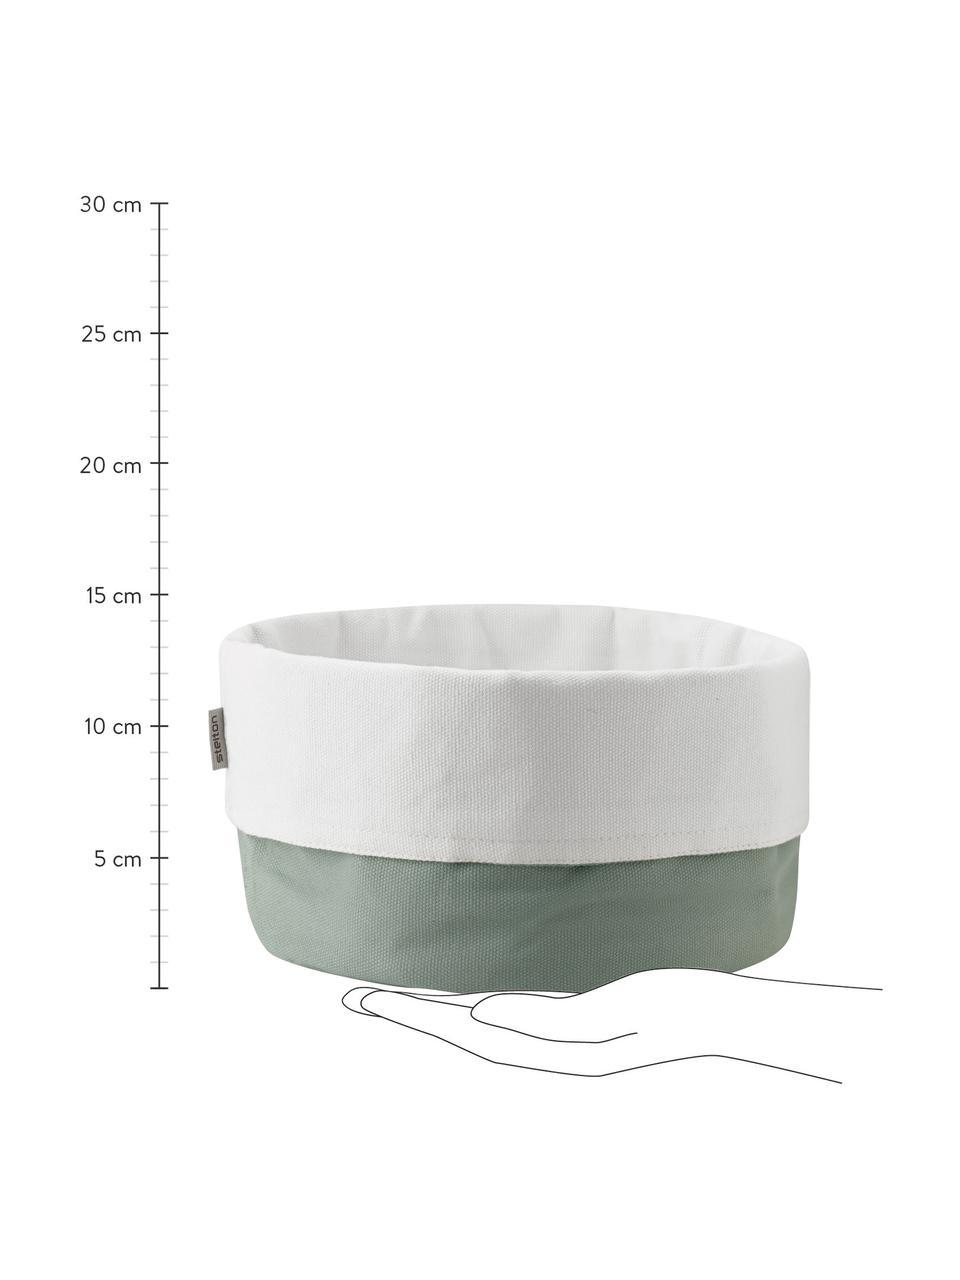 Leinen-Brotkorb Oleg, 100% Baumwollleinen, Grün, Weiß, Ø 23 x H 21 cm